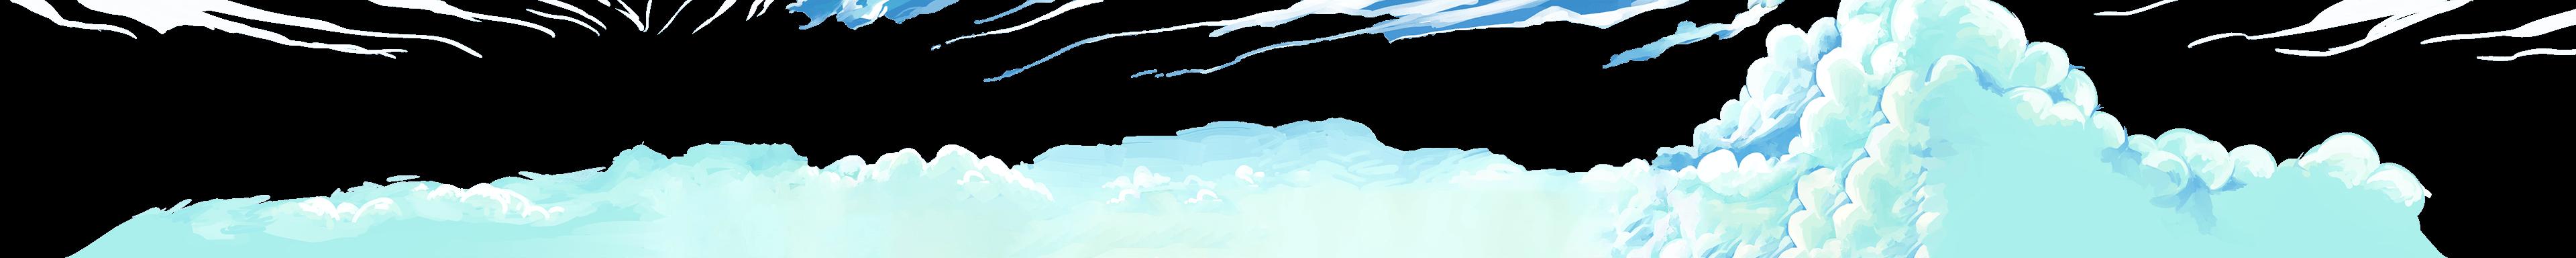 MinecraftTR header background 2